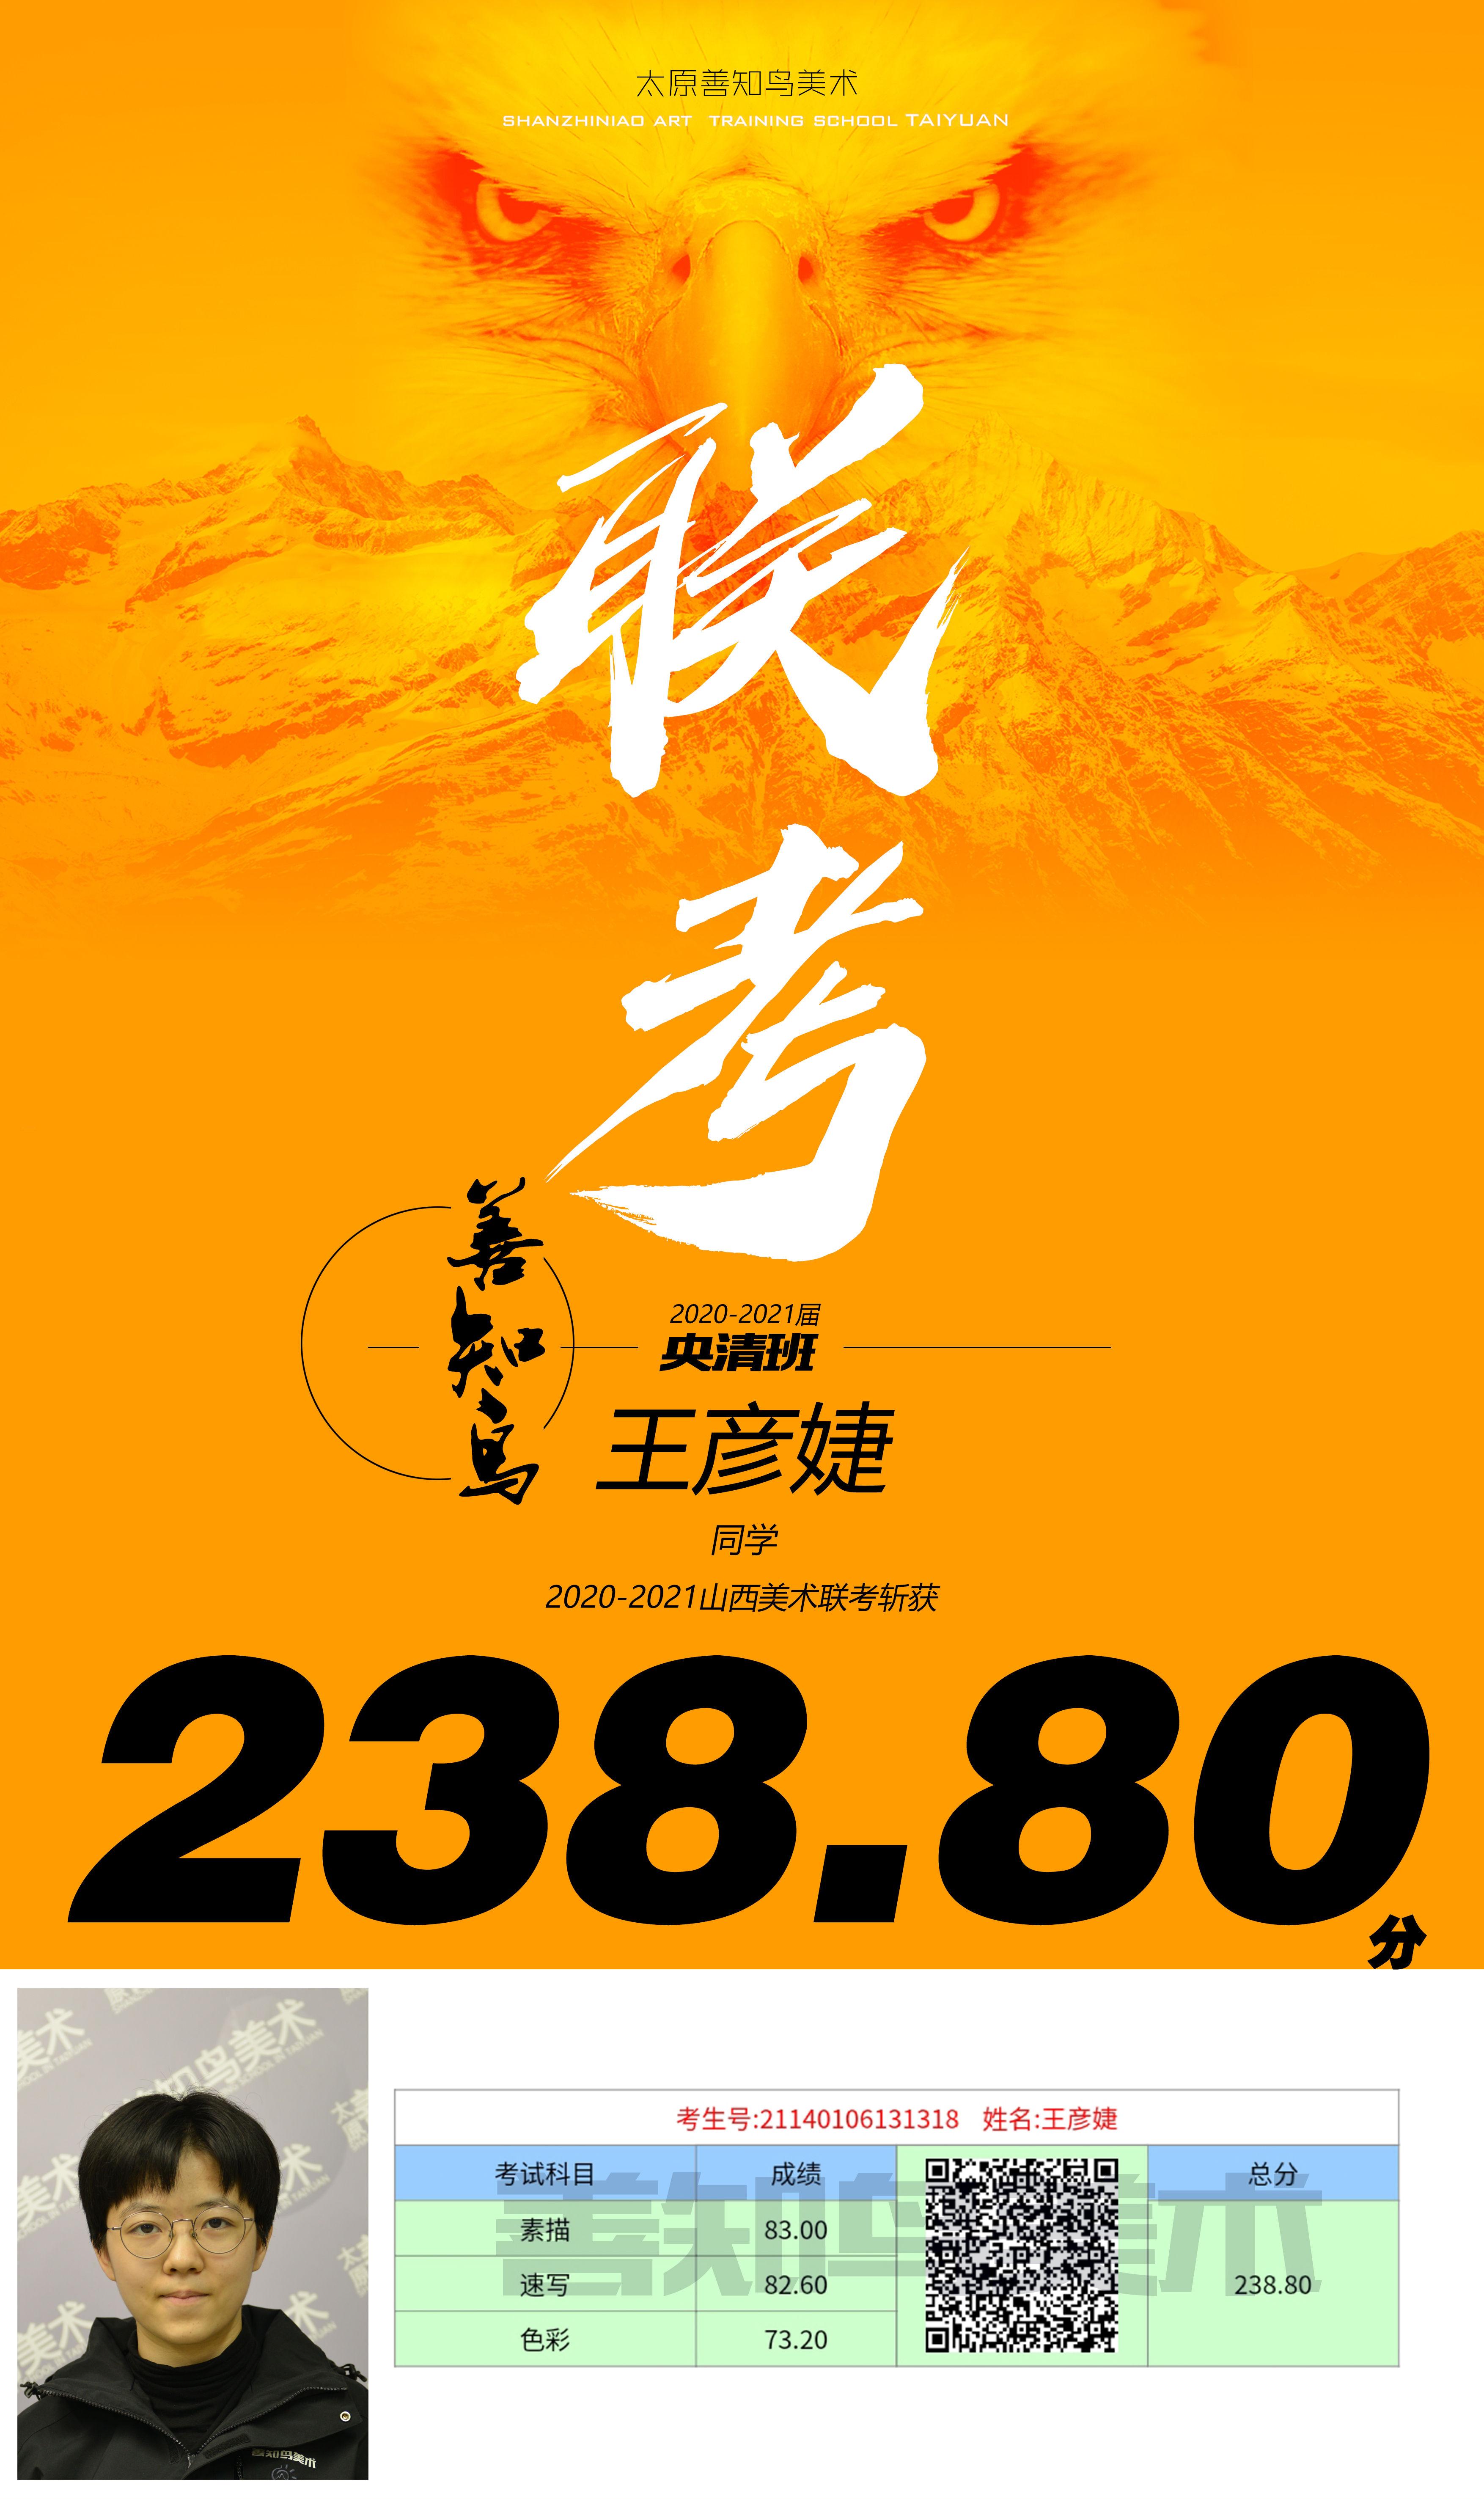 238.80王彦婕.jpg